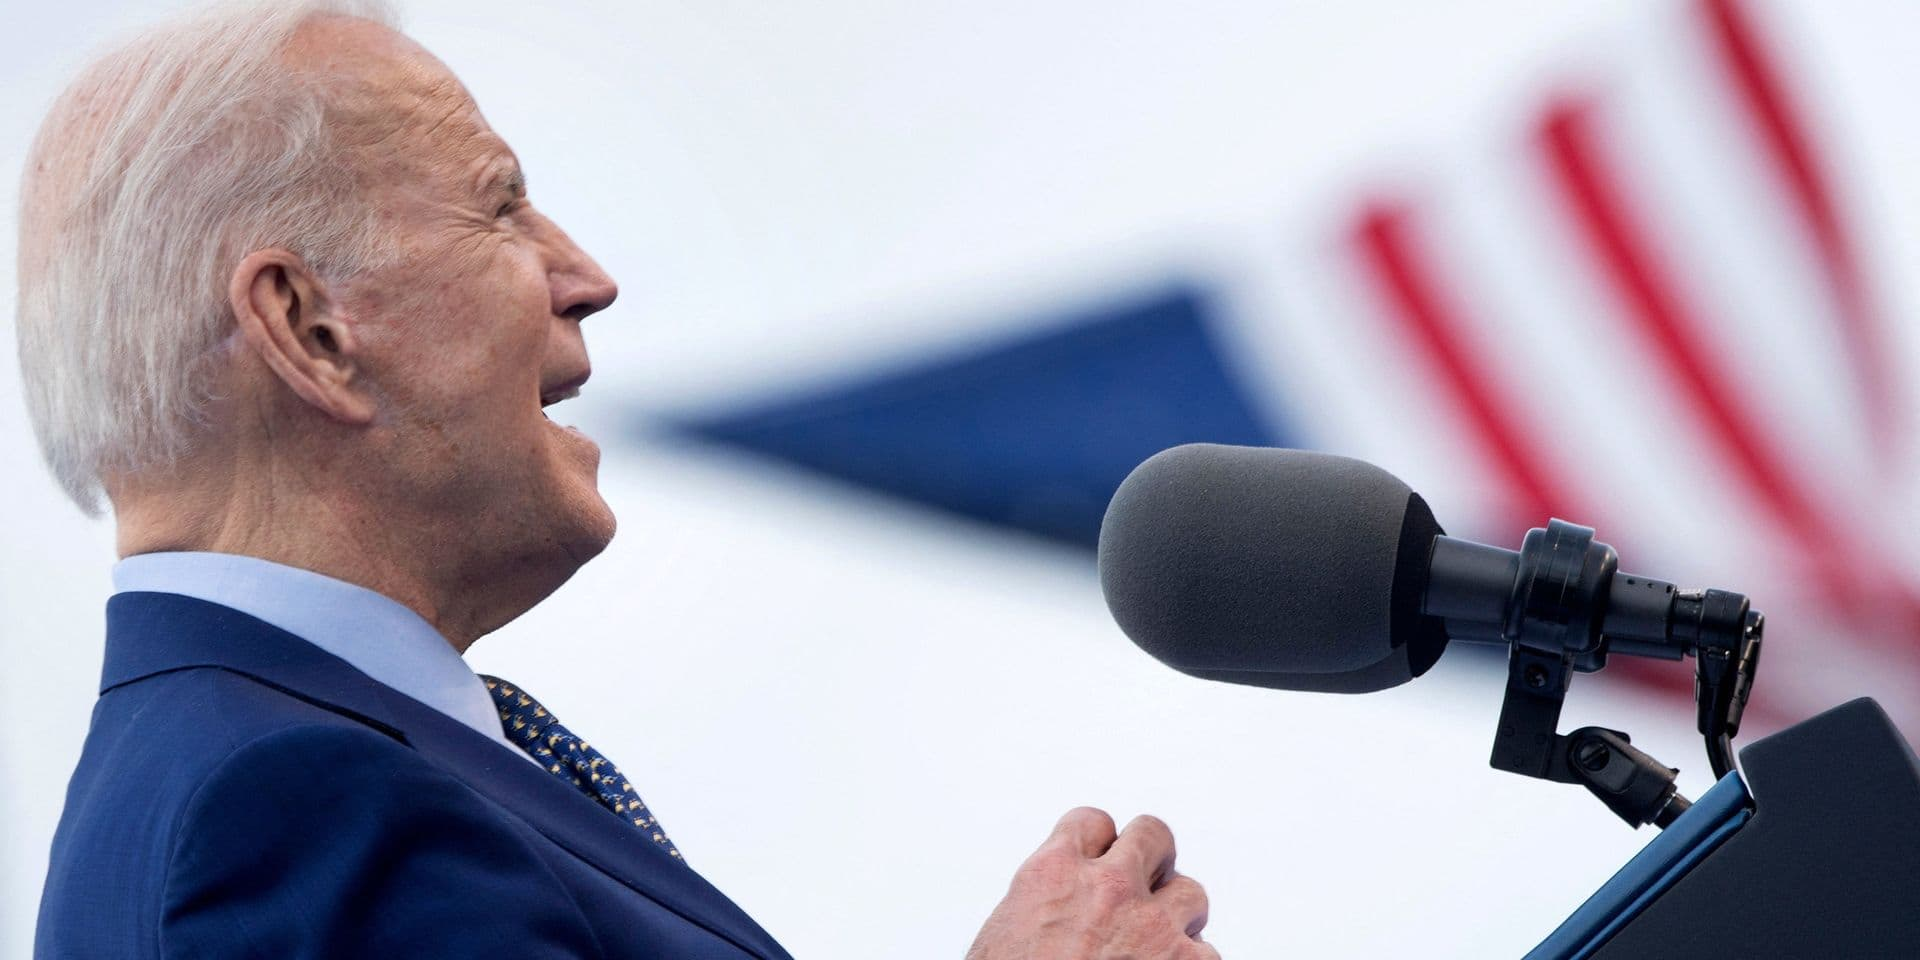 Pour tenter de contrer le variant indien, Joe Biden impose de nouvelles restrictions aux voyageurs venant d'Inde